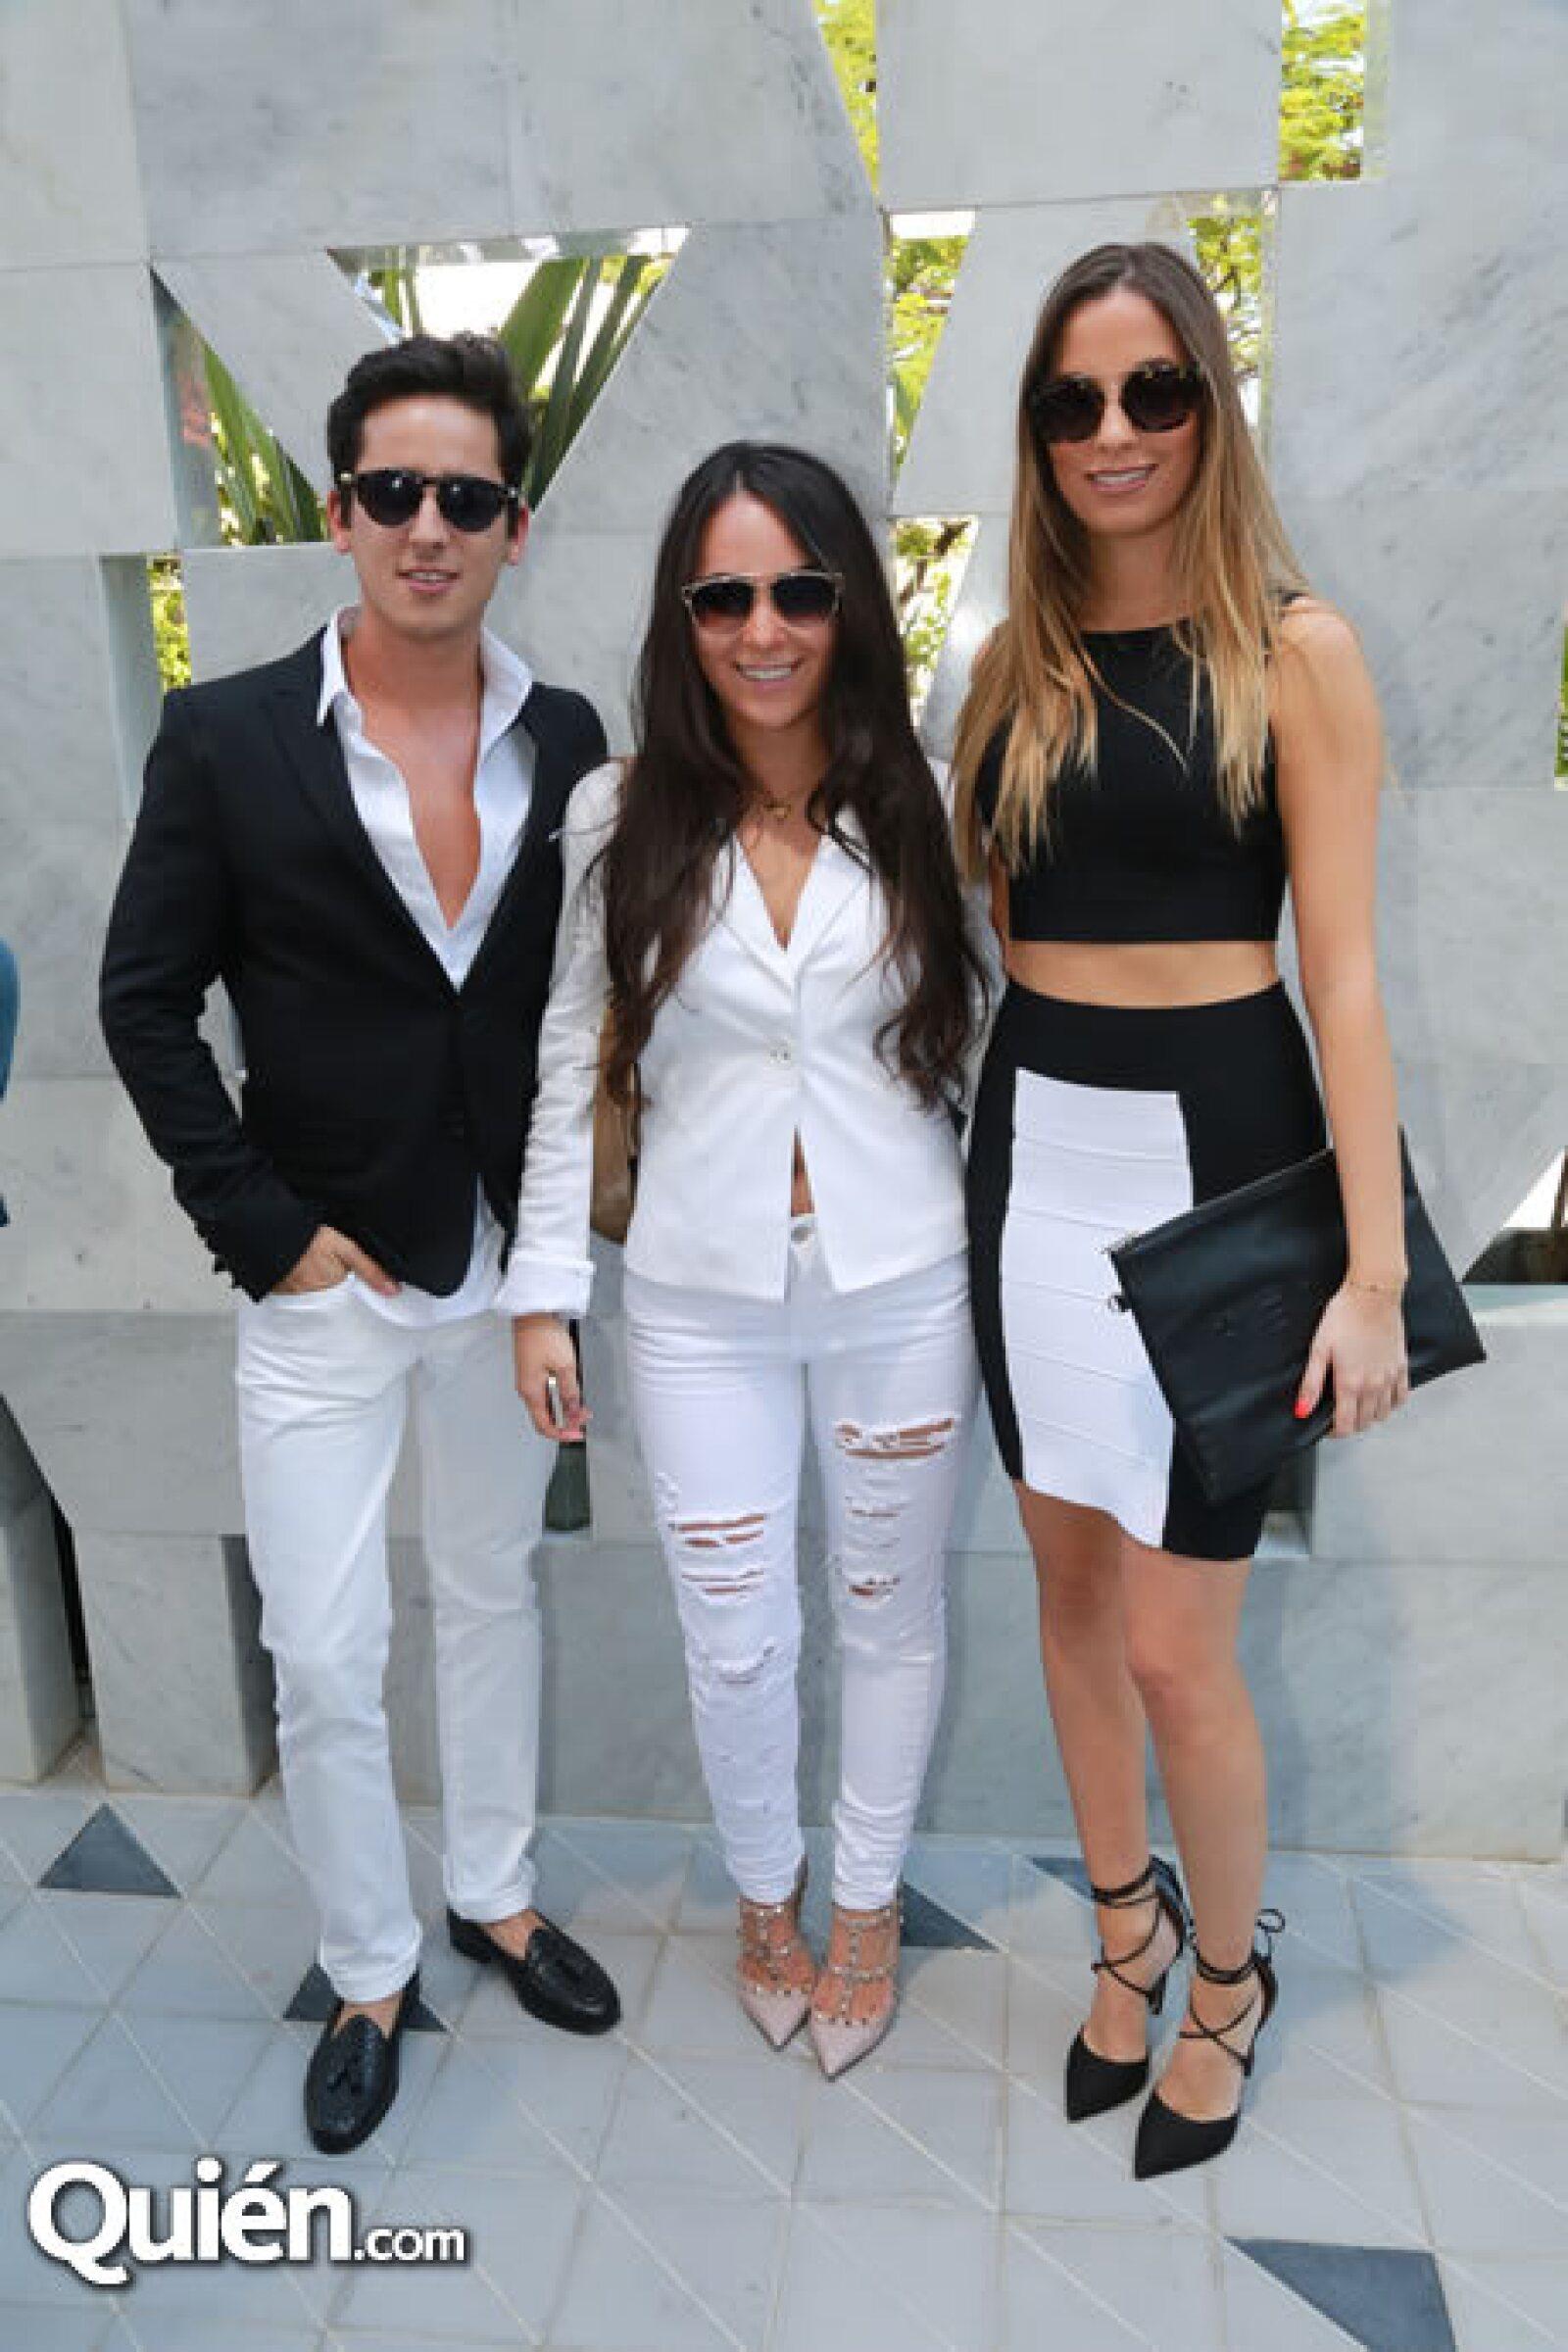 Rodrigo Mora,Yael Lanczyner y Carla Ortega